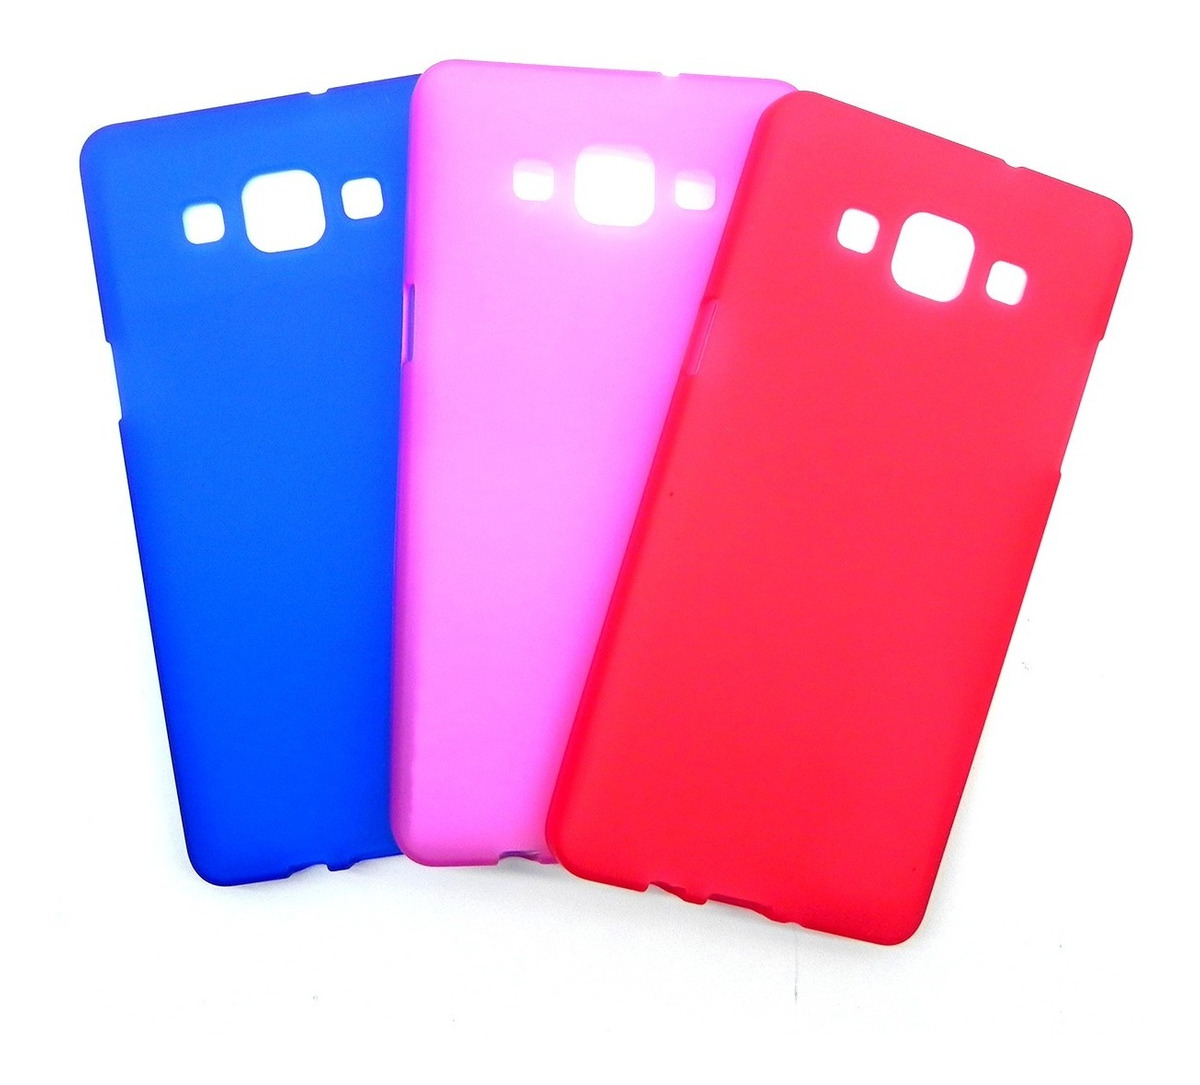 917cf41bce1 Funda Protector Tpu Para Samsung Galaxy A5 - $ 99,00 en Mercado Libre